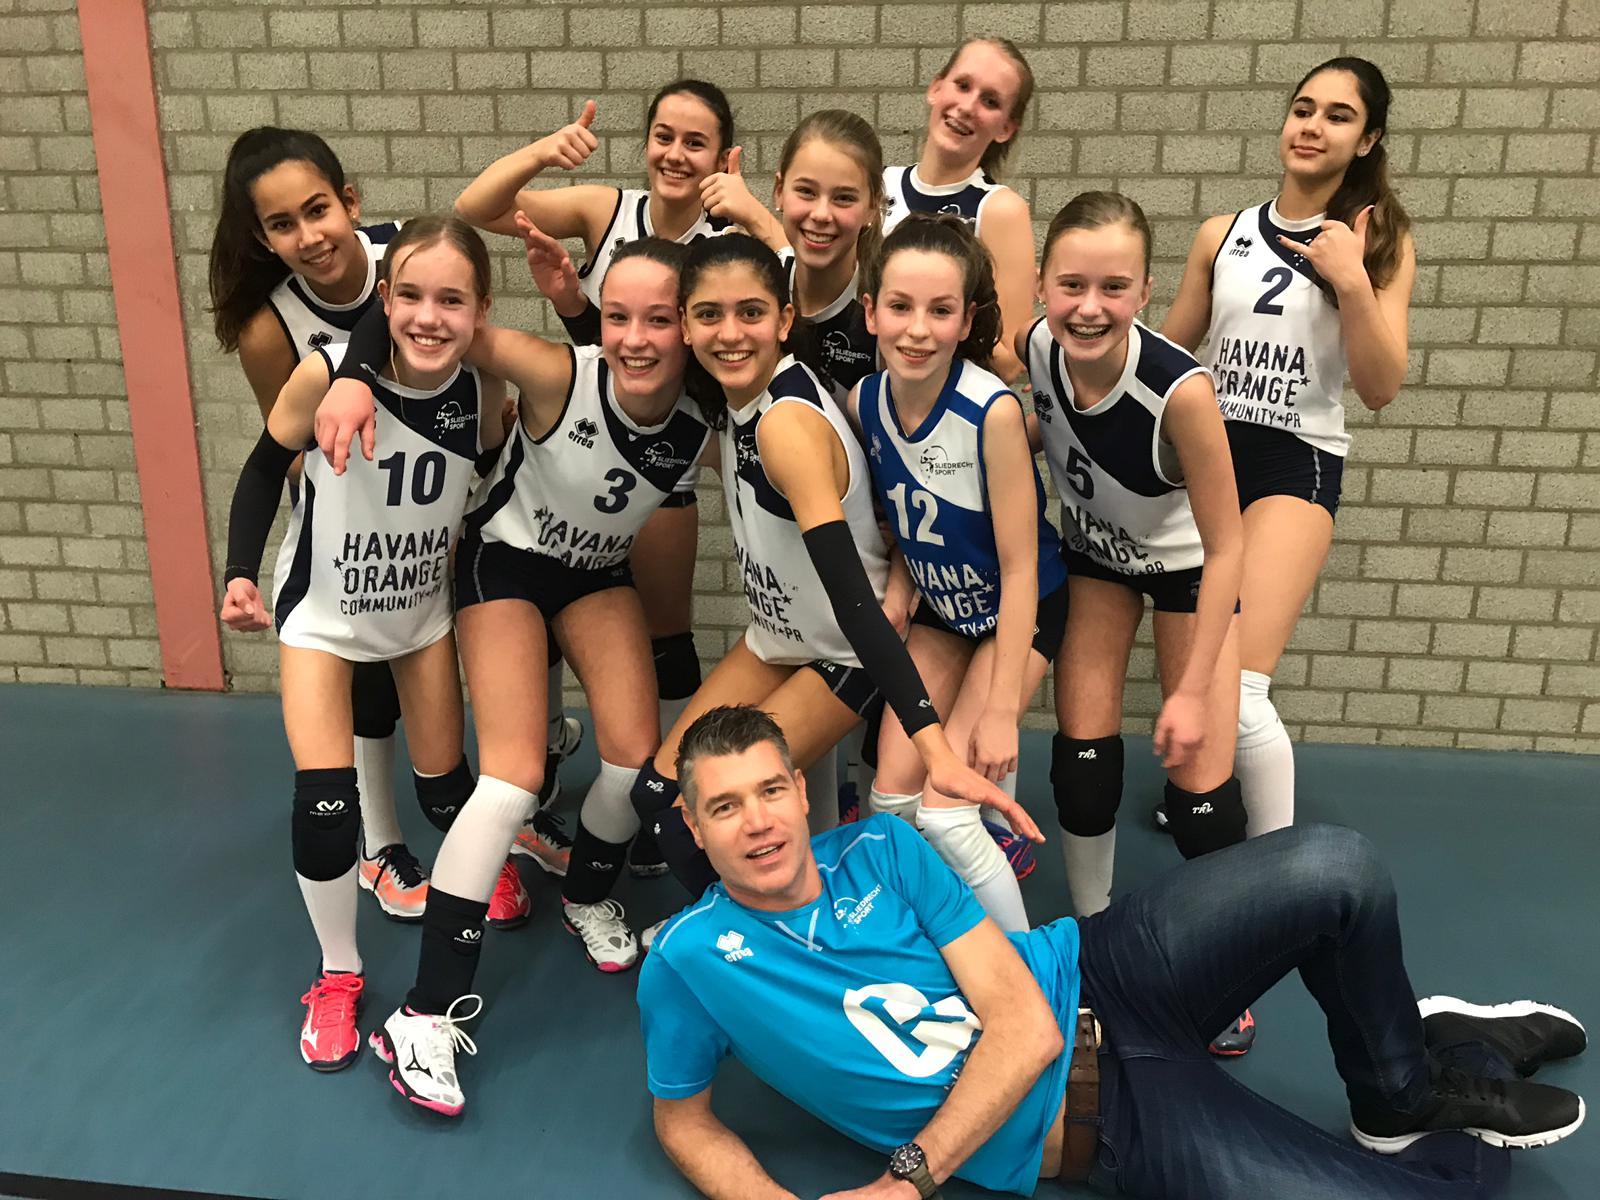 Yessssss… 5 teams door naar finales NOJK